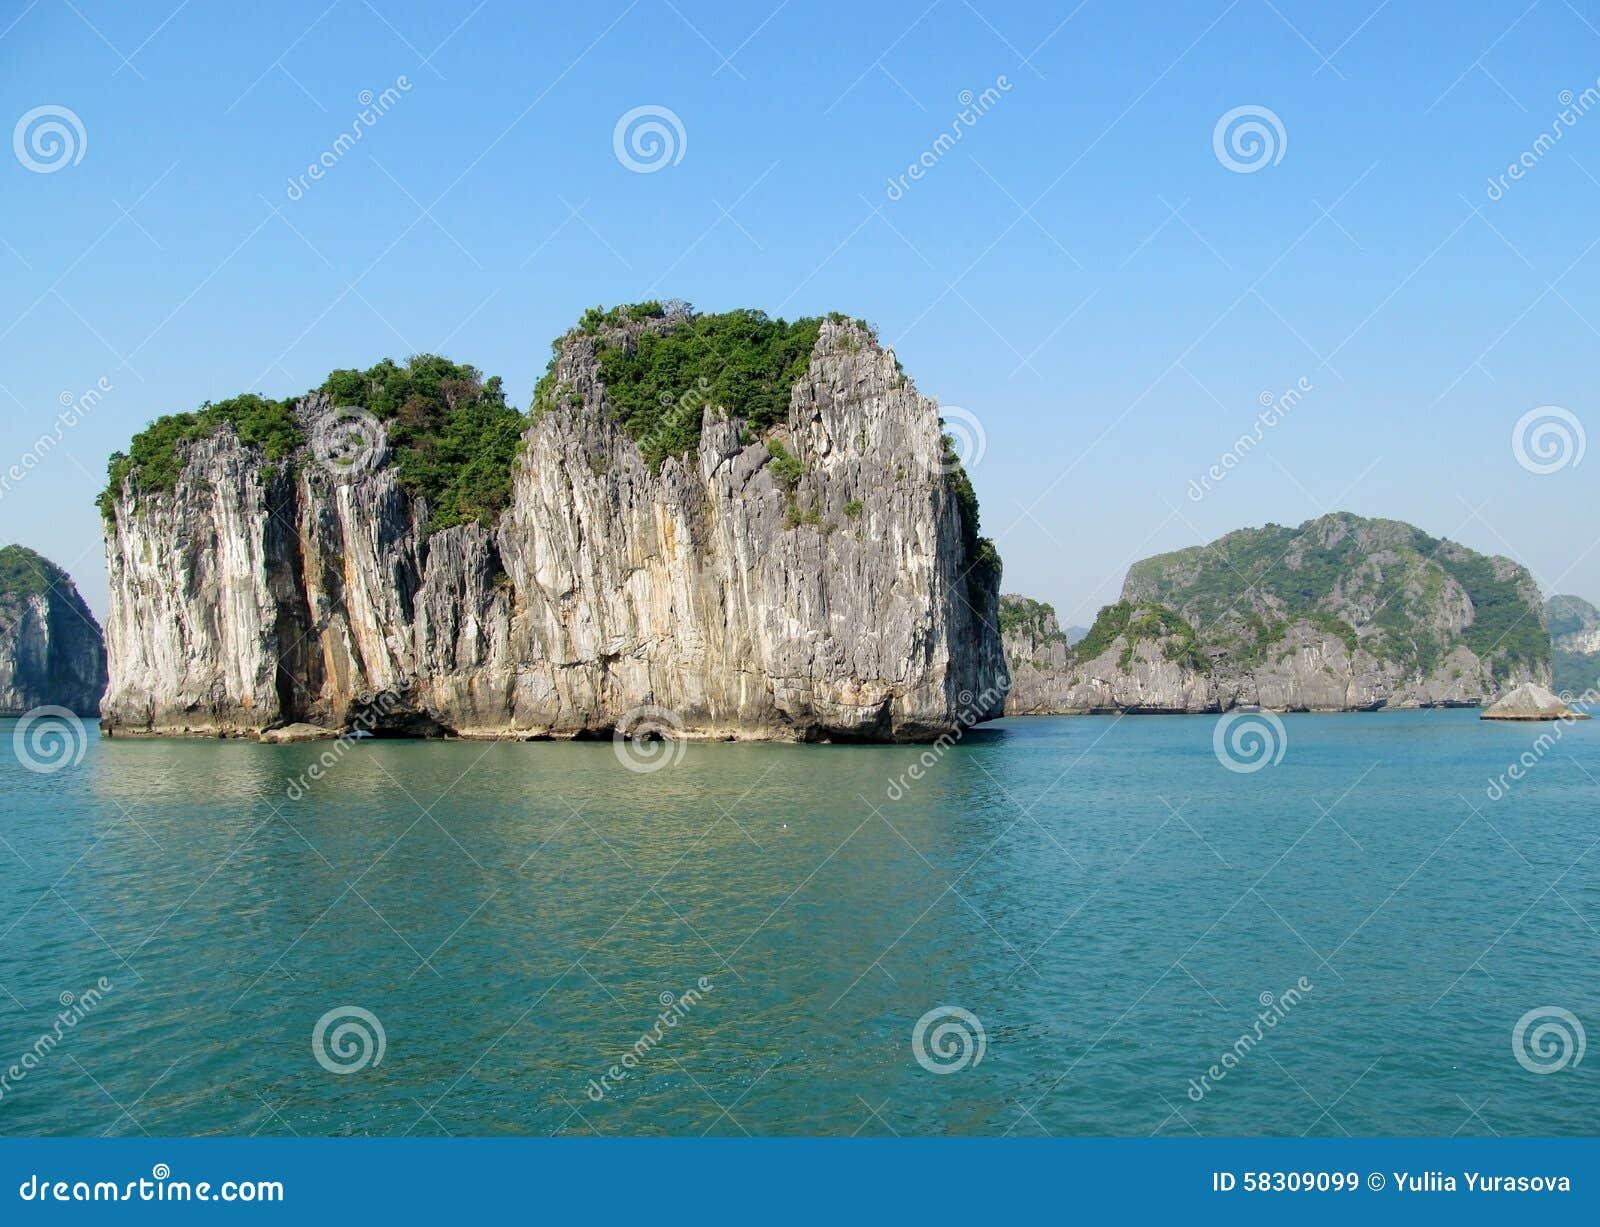 Rock island in the sea